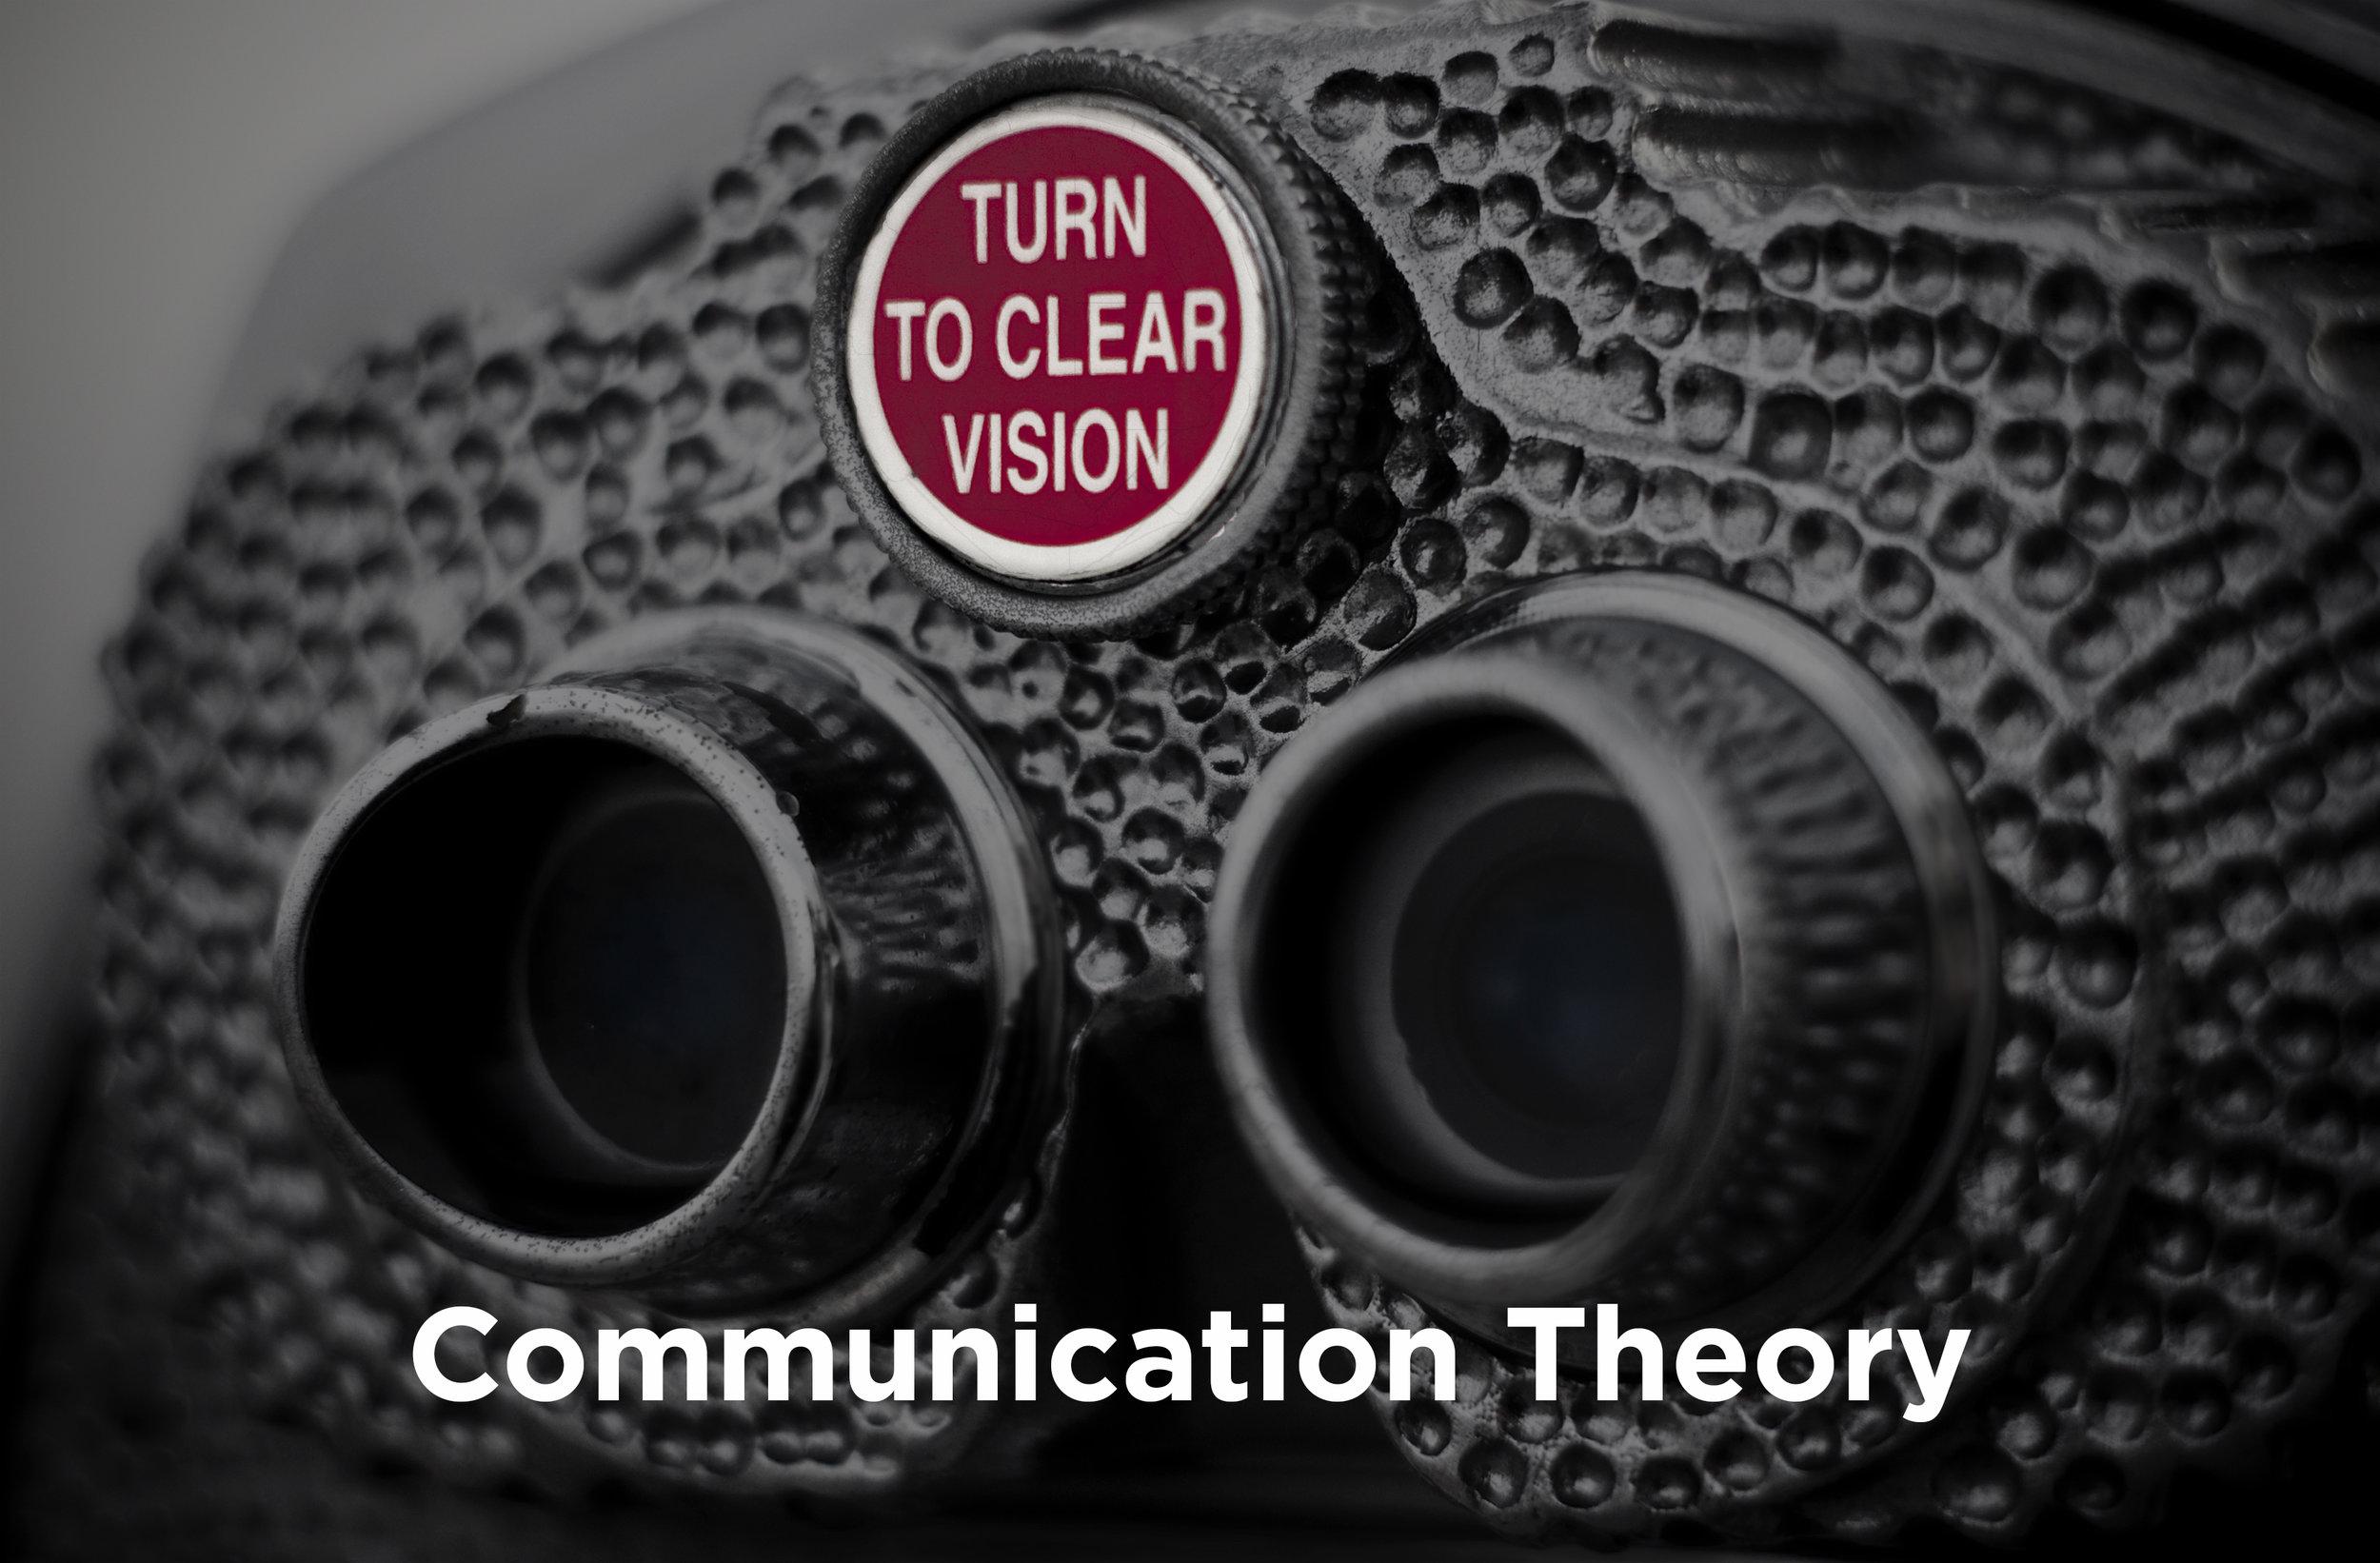 Communication Theory.jpg